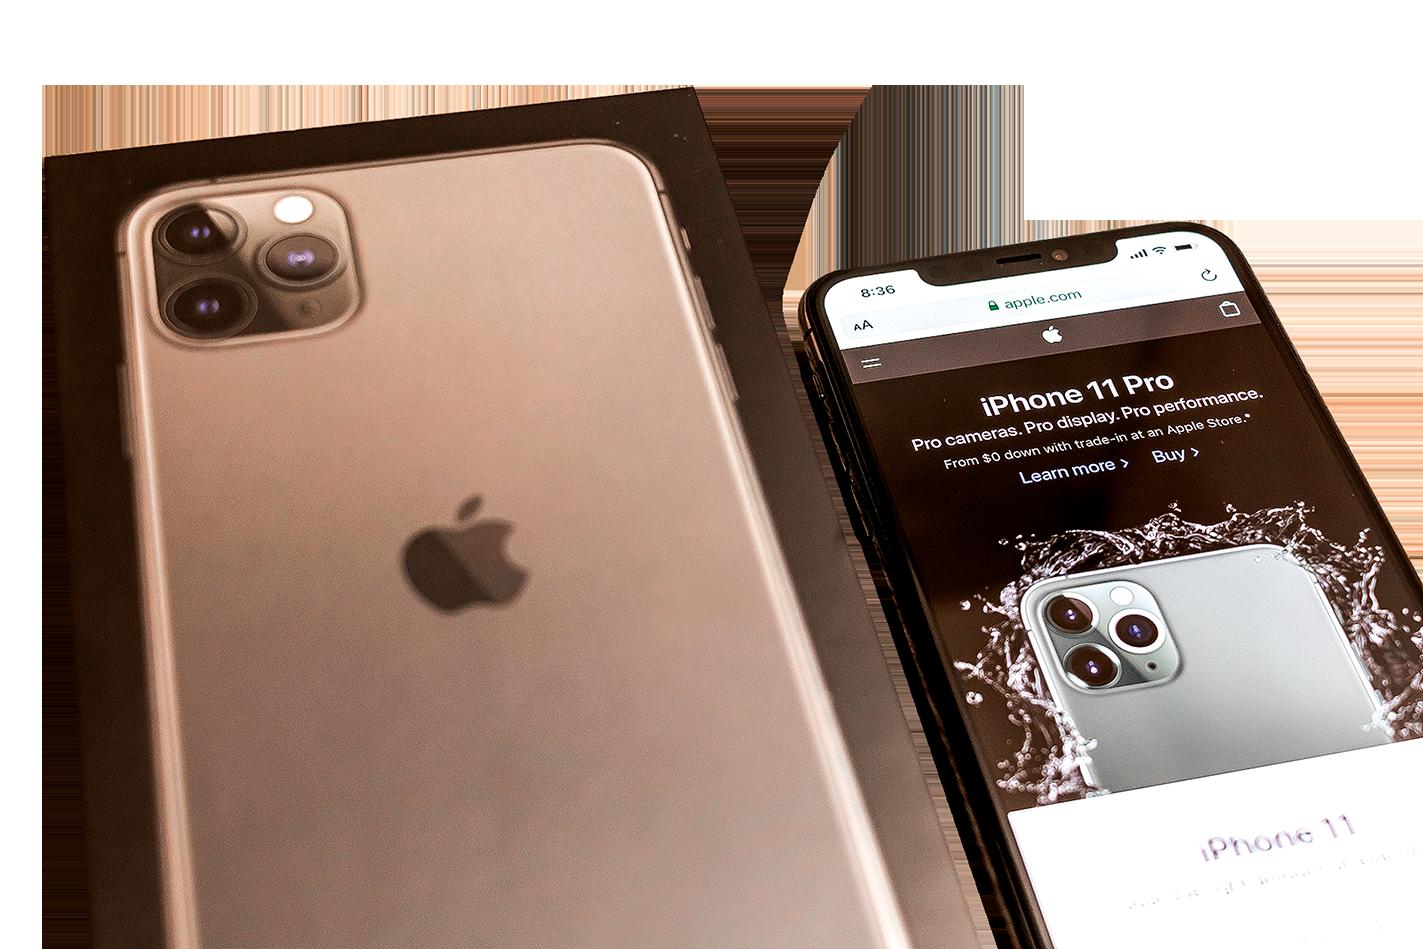 推特爆料帳號Fudge(choco_bit)洩漏出來一組圖片,暗示其為新一代iPhone的示意圖。(推特截圖)與iPhone 11 pro相比,iPhone 12預測將縮小瀏海,並採用四角三鏡頭方式。(Shutterstock)